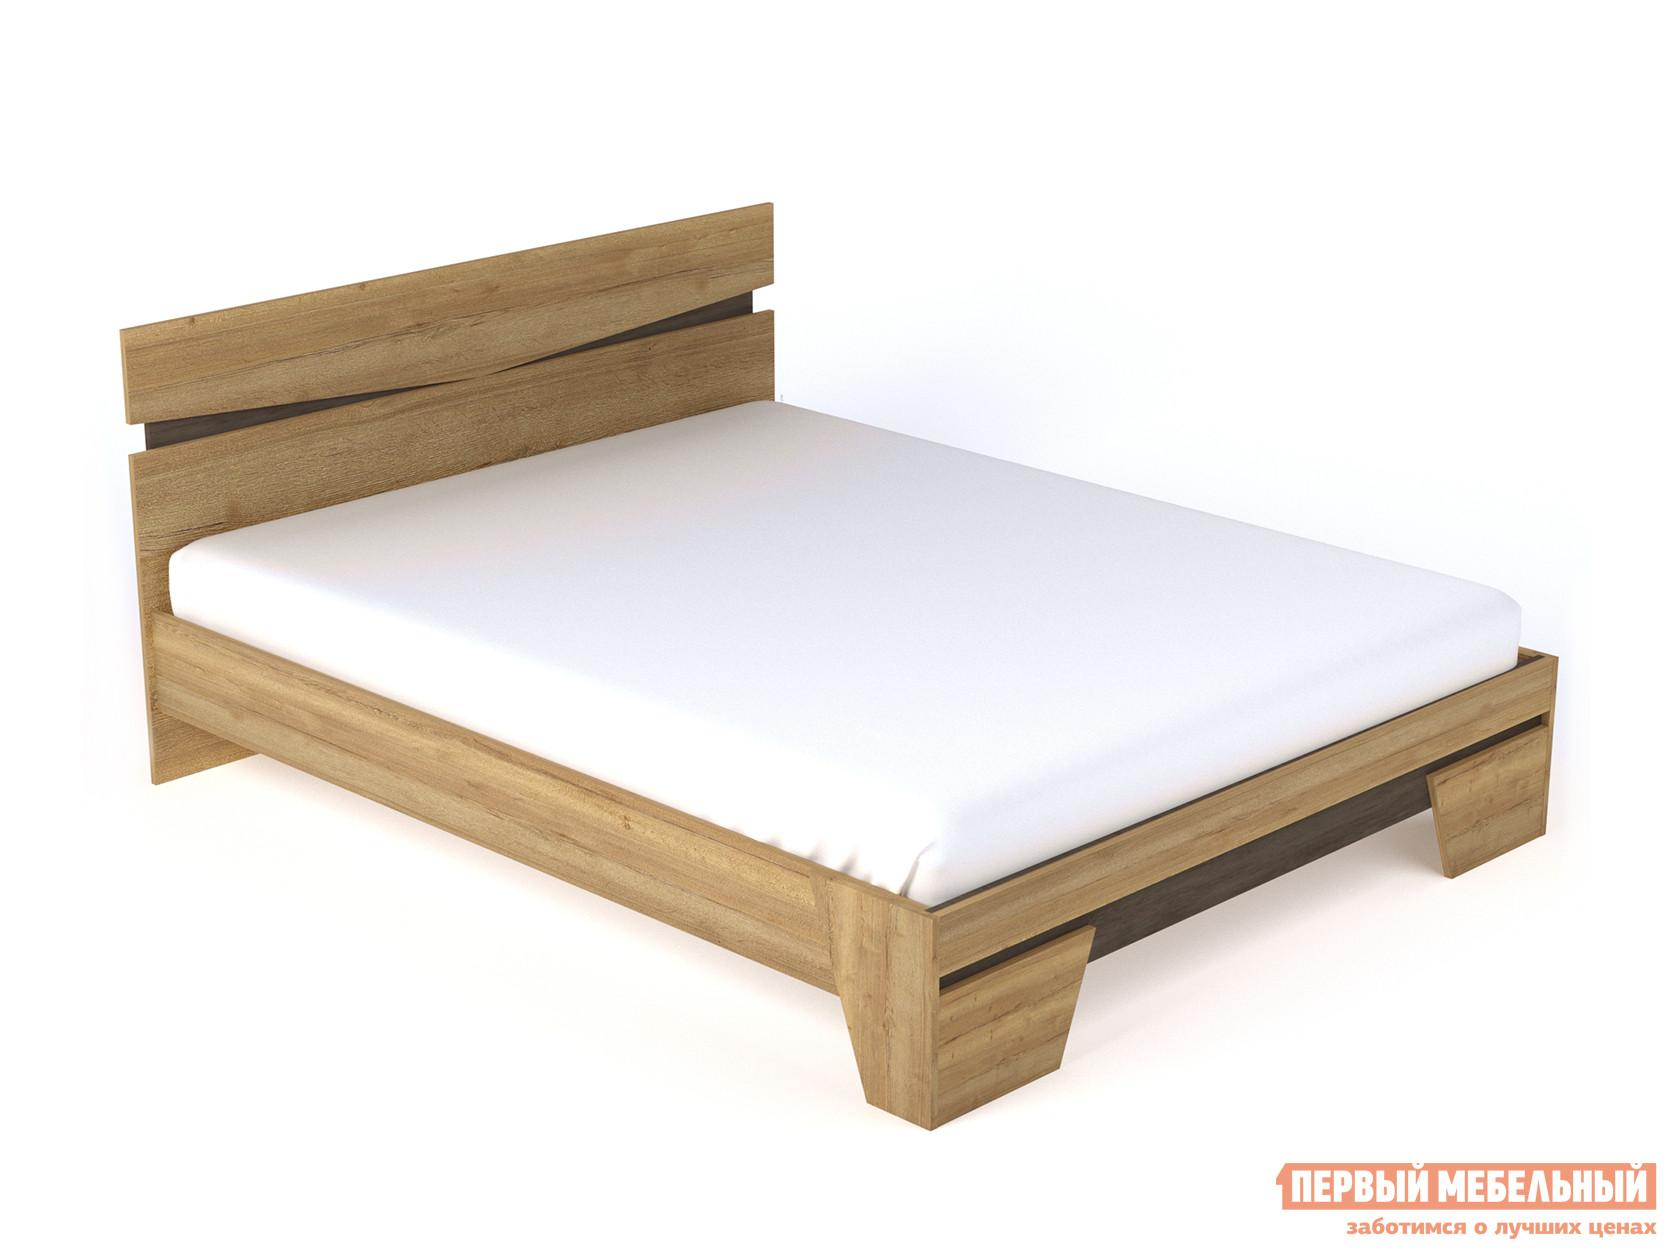 Двуспальная кровать Стреза 2 Дуб Галифакс / Бетон Чикаго, 160х200 см, Без основания фото